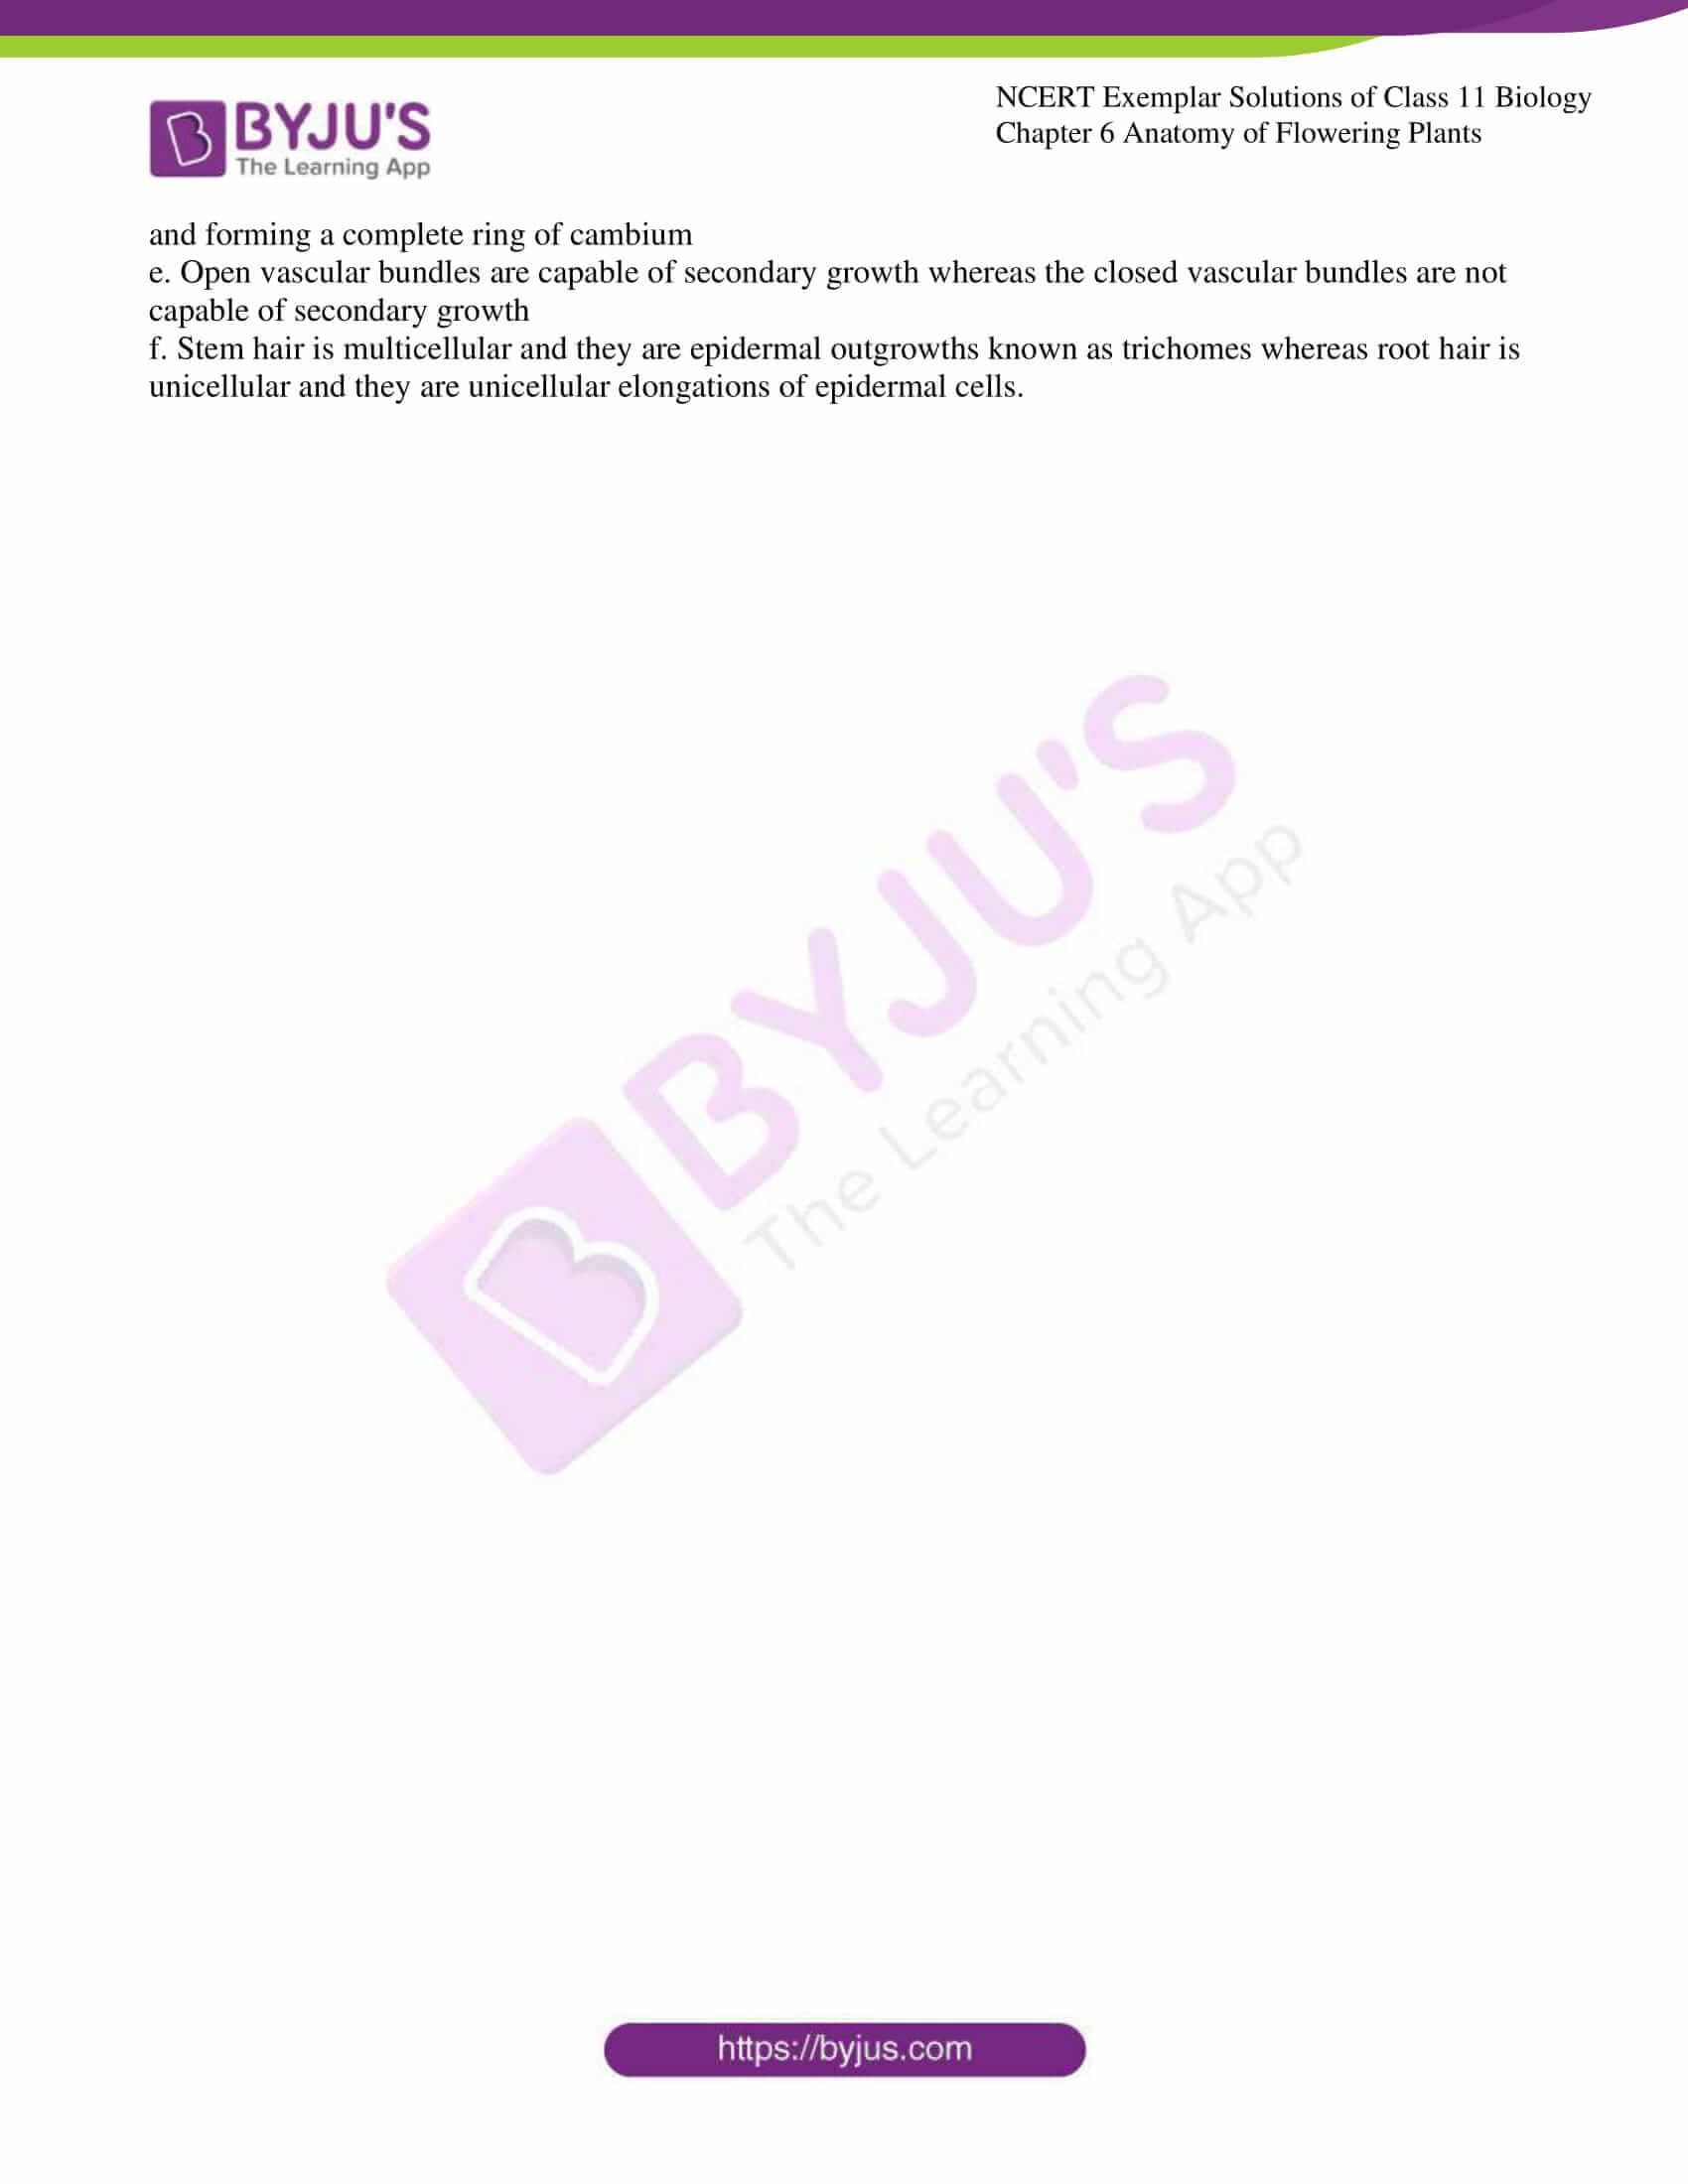 ncert exemplar solutions class 11 biology chapter 6 12